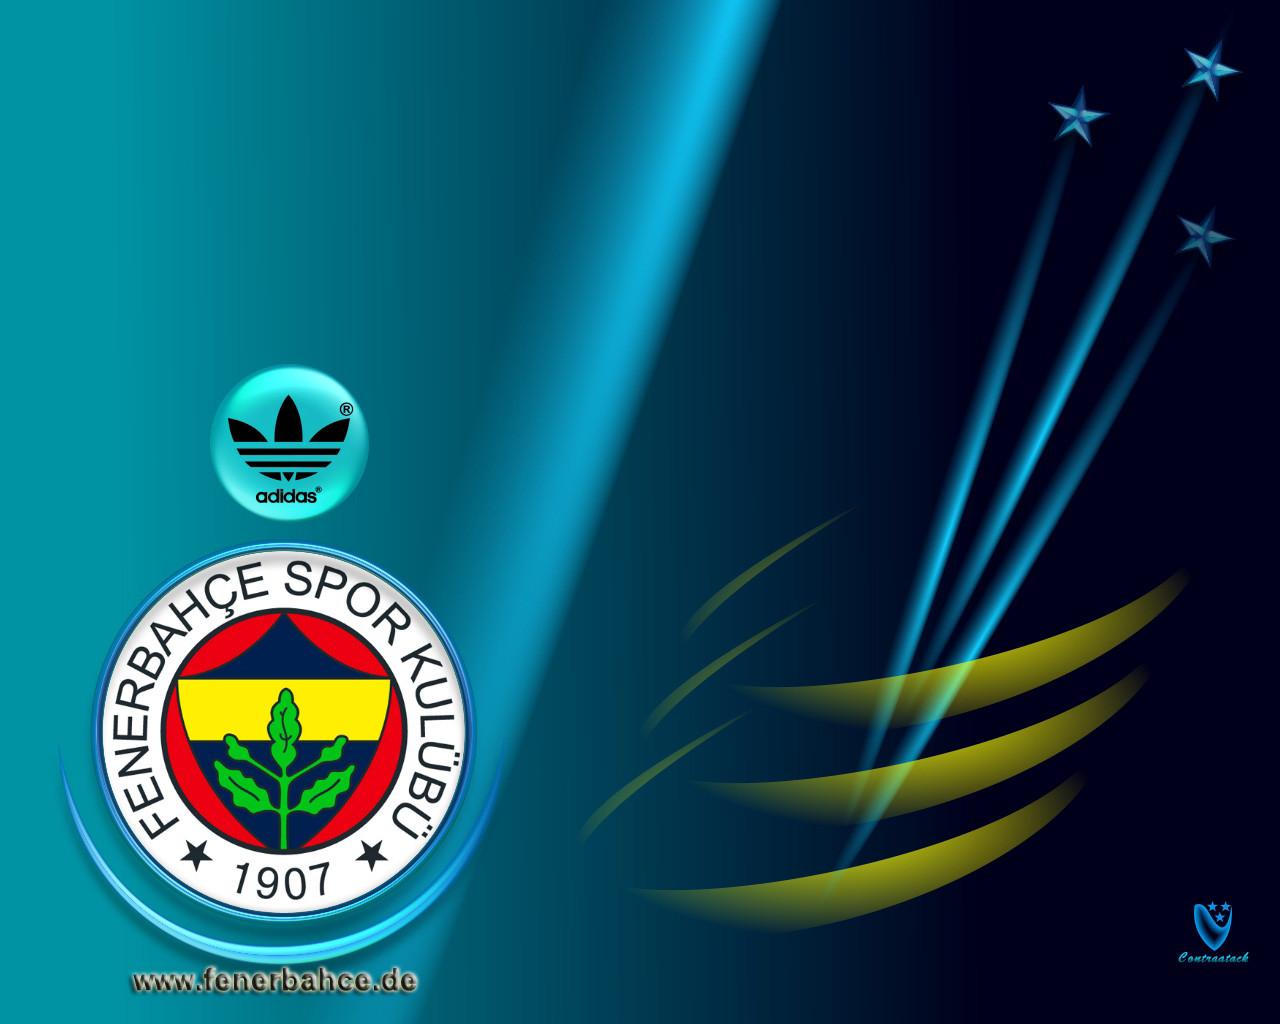 デスクトップ壁紙 フェネバ 七面鳥 Republic Of Turkey 旗